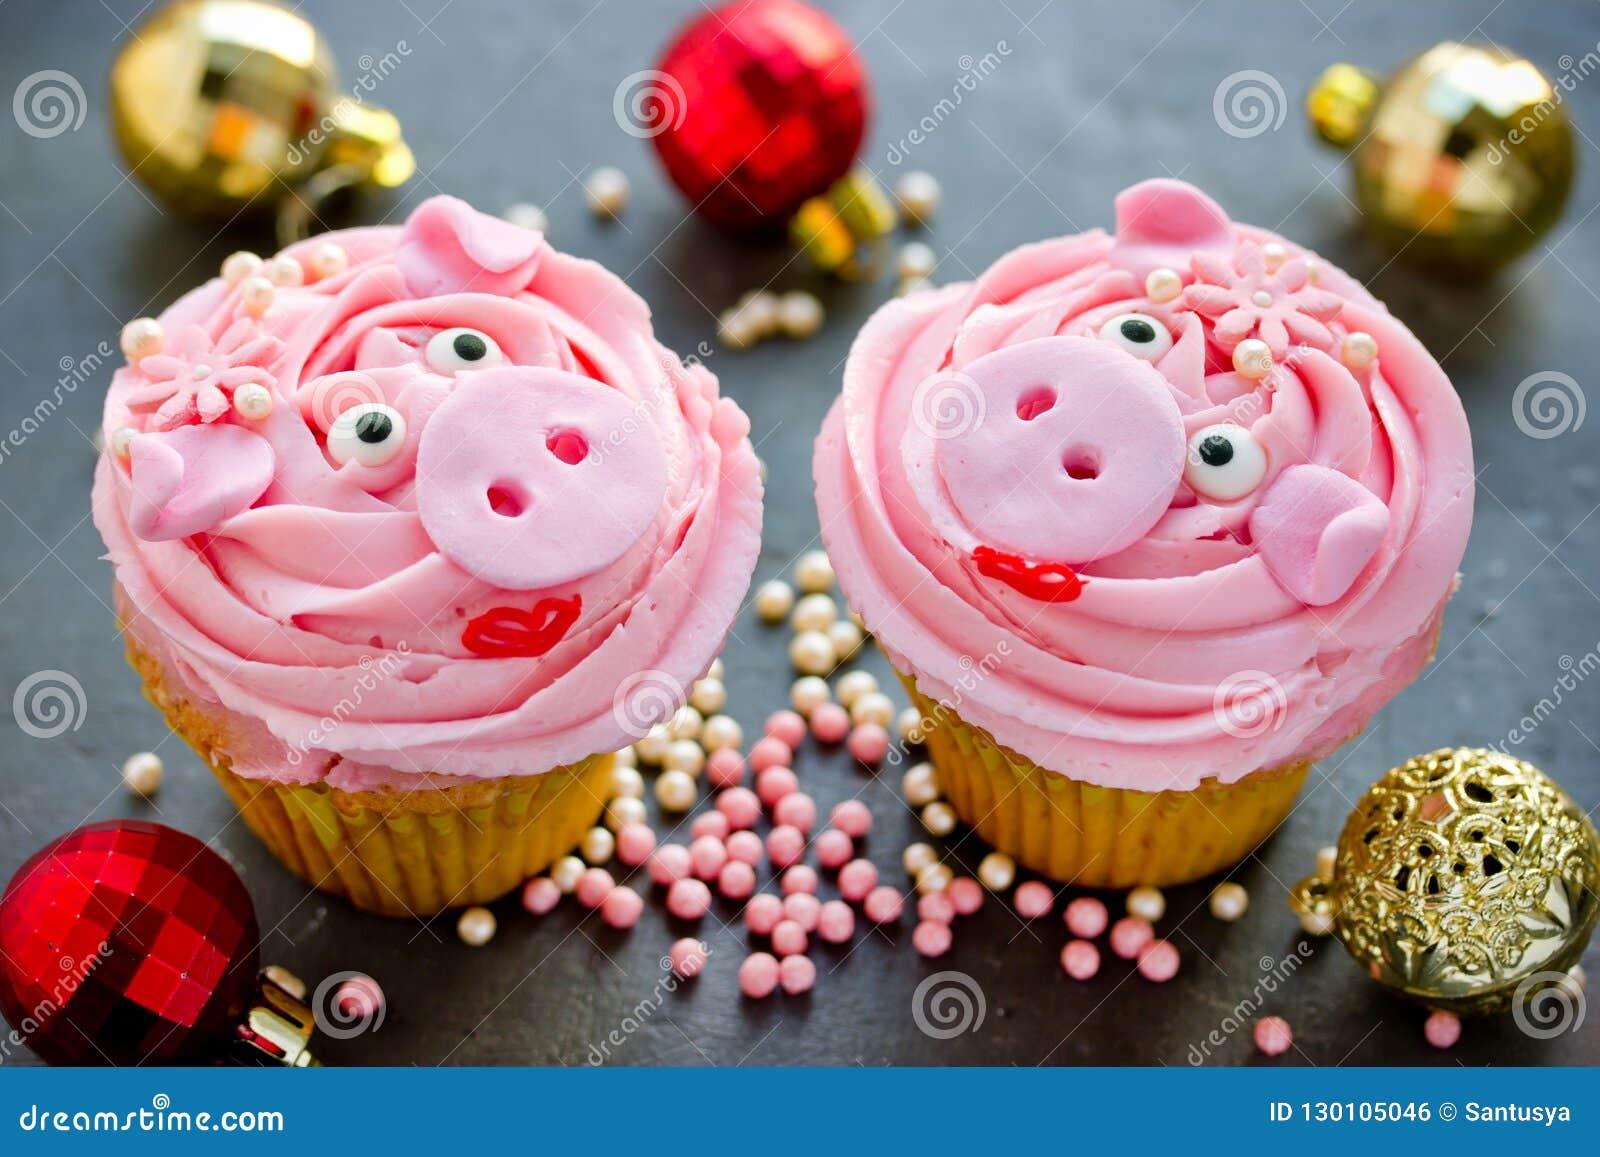 小姐贪心杯形蛋糕-美丽和用桃红色奶油装饰的可口蛋糕塑造了滑稽的贪心面孔